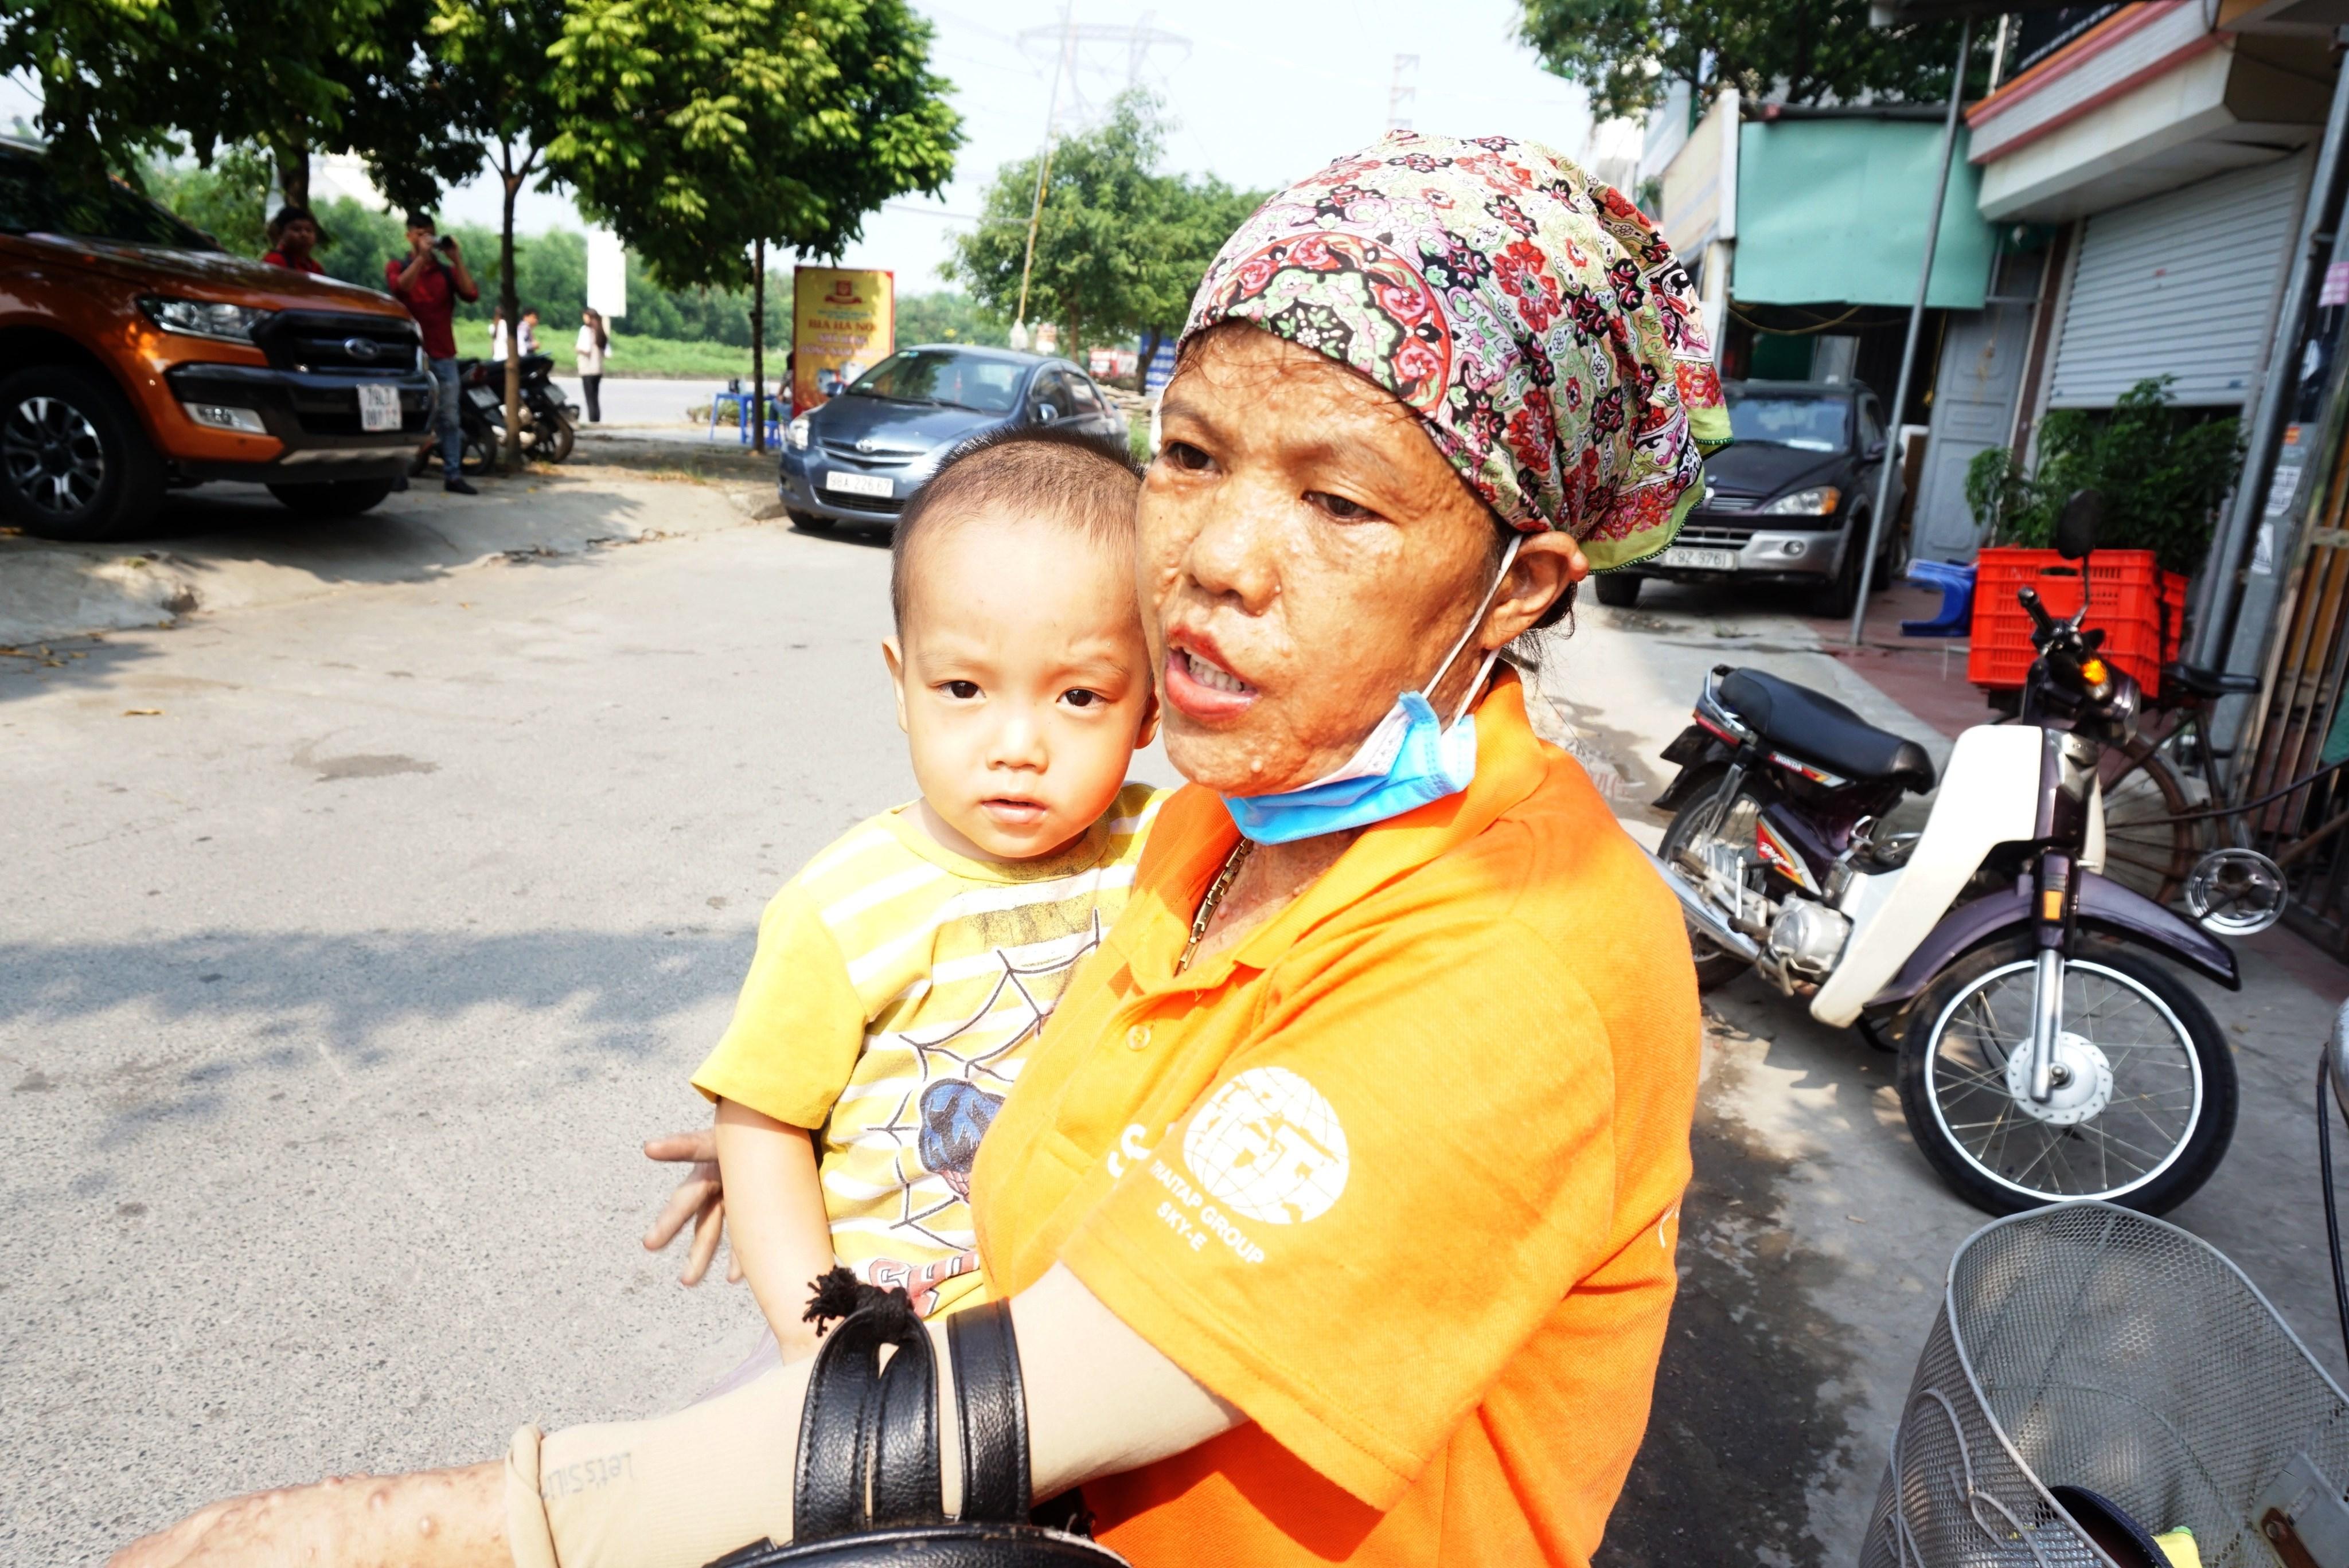 Bé 3 tuổi bị bỏ quên trên xe suốt 7 tiếng hôn mê trước khi tới viện